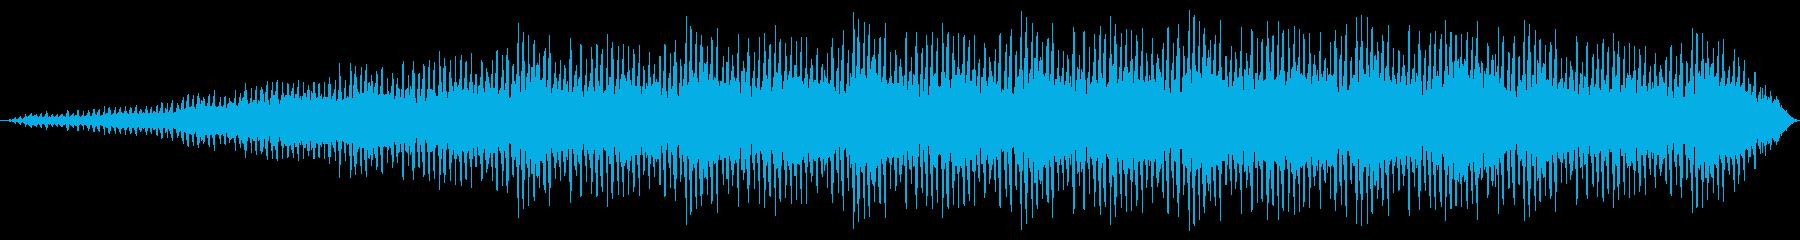 シーケンス Wub Wub 01の再生済みの波形